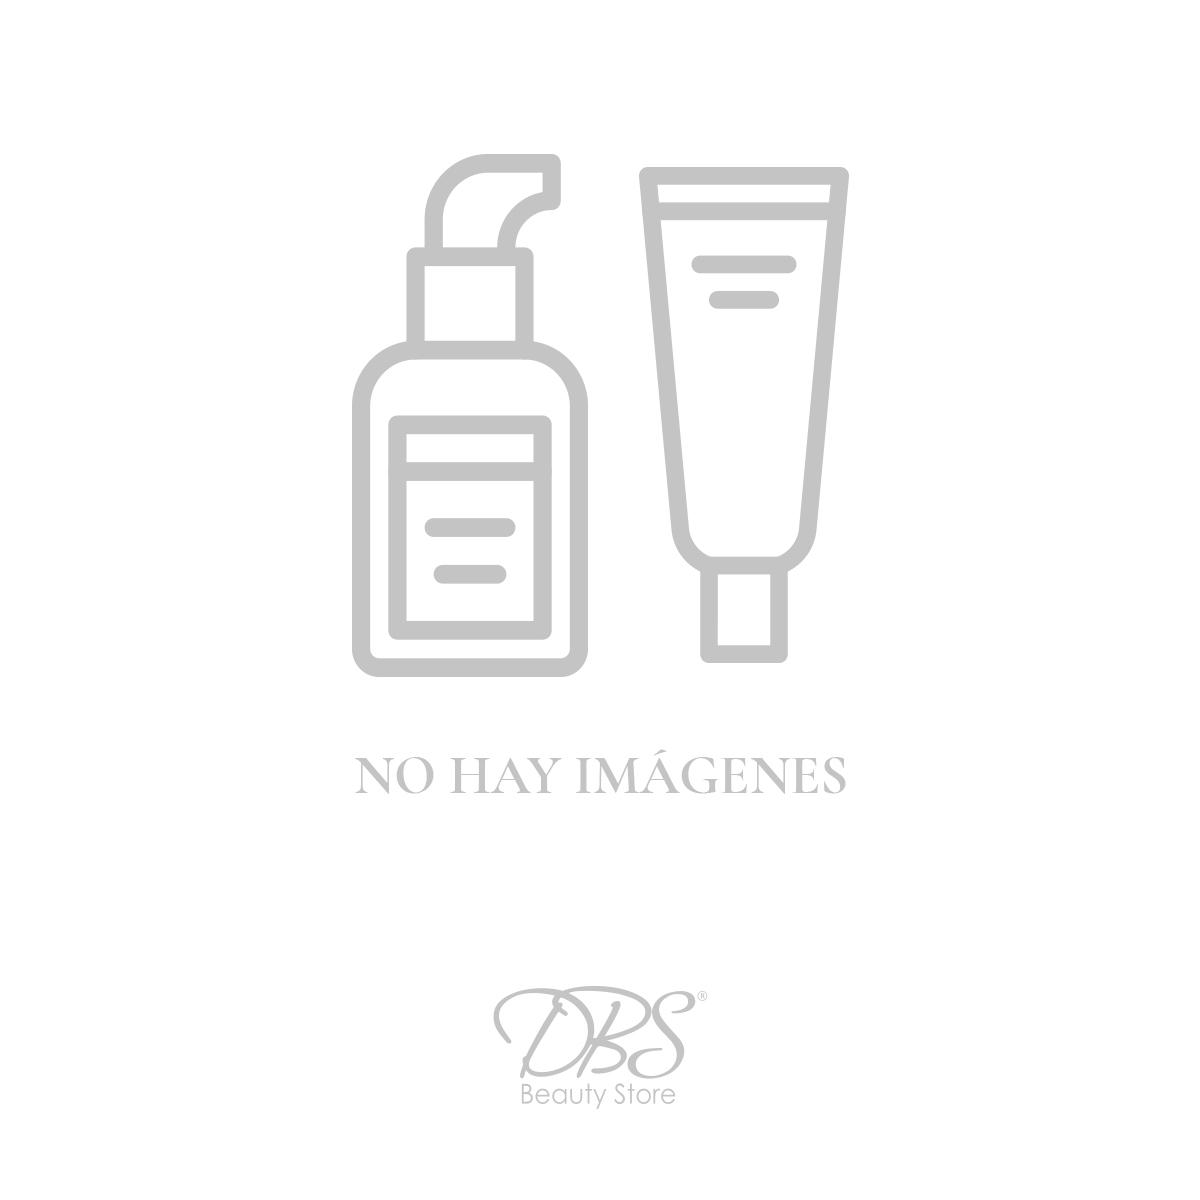 dbs-cosmetics-DBS-LI1061-MP.jpg